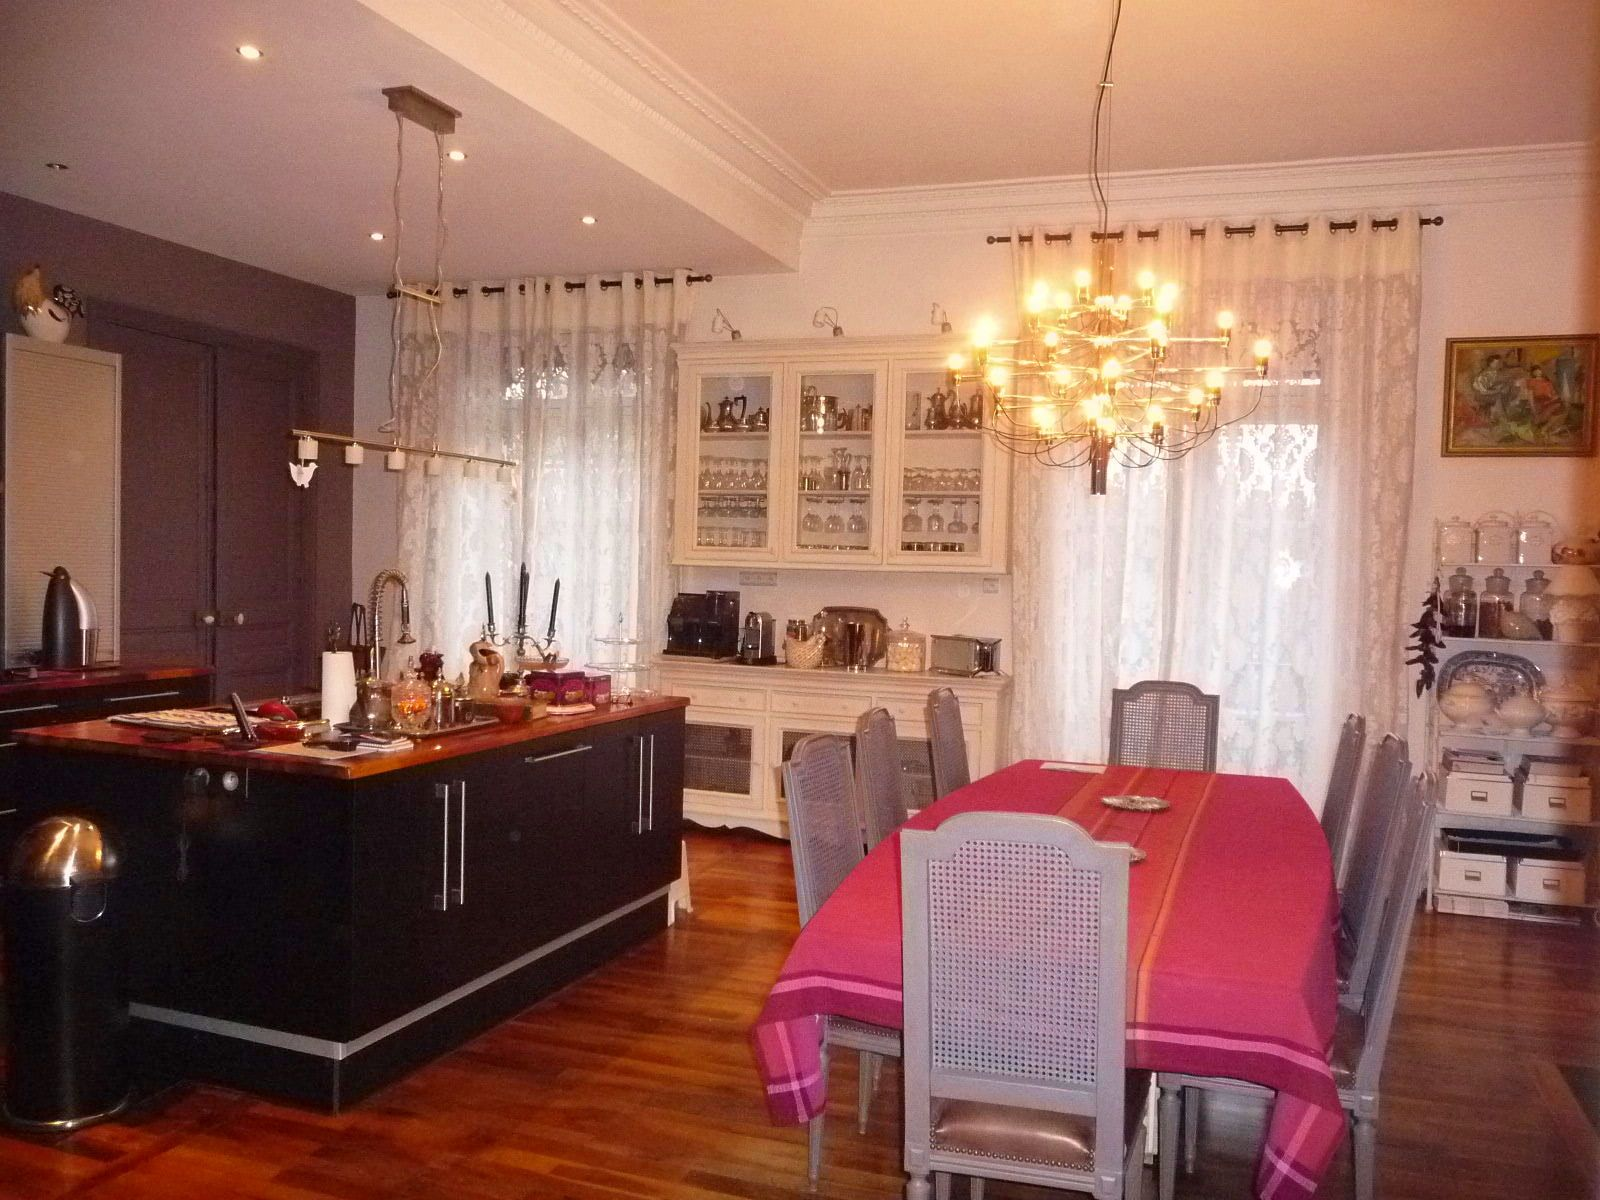 Loue magnifique appartement 190m² - Plein centre de Grenoble